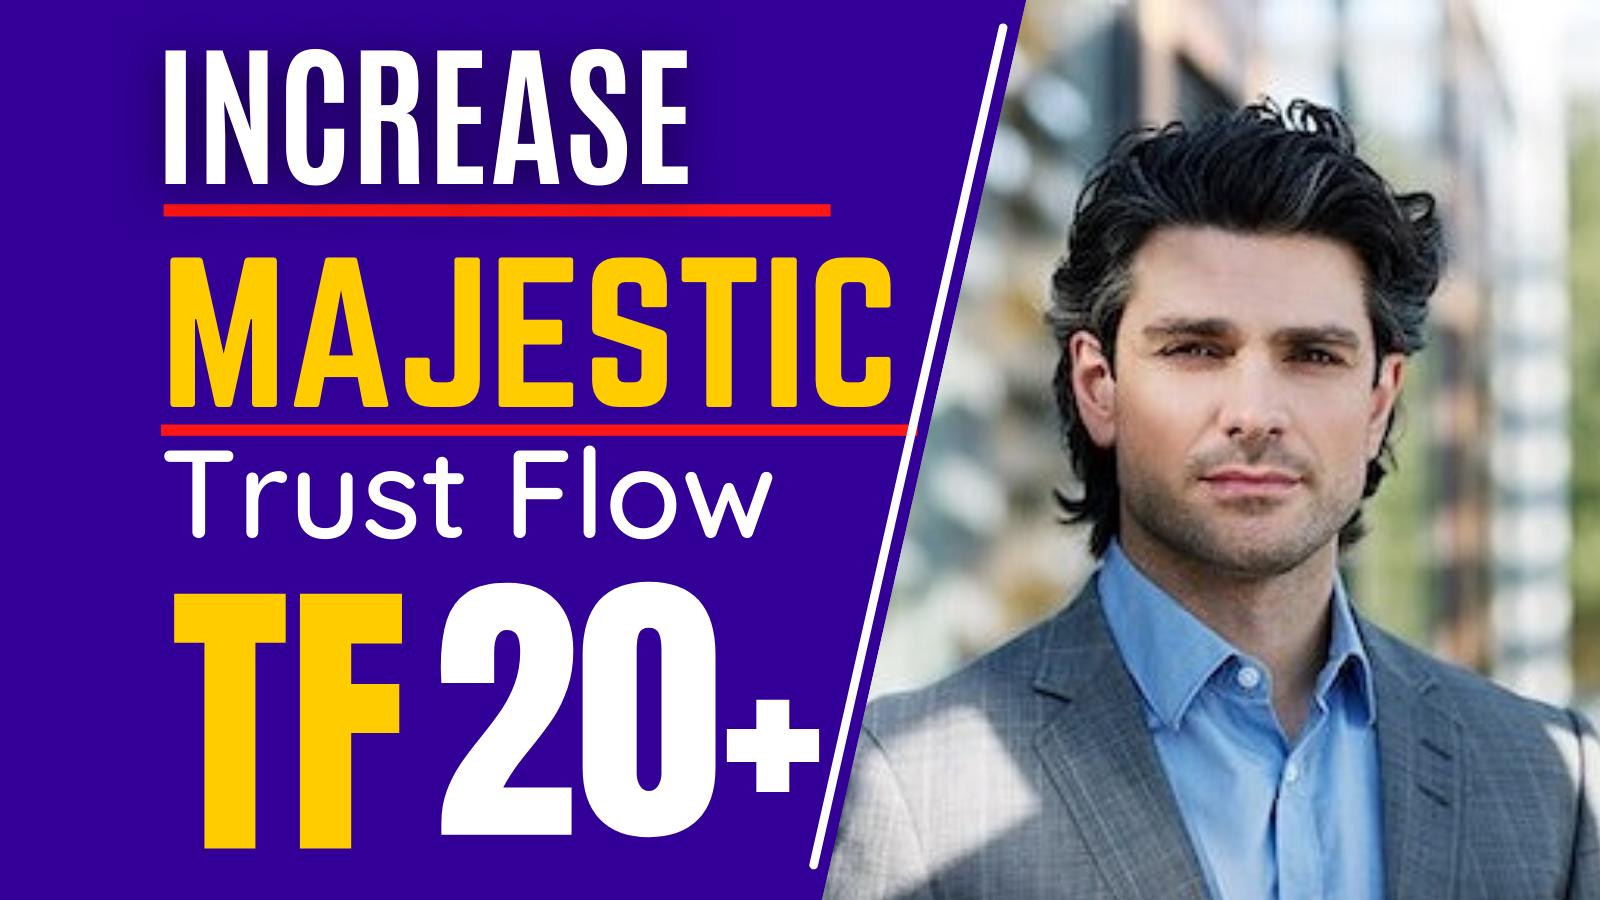 I will increase Trust Flow Majestic TF 20 plus guaranteed